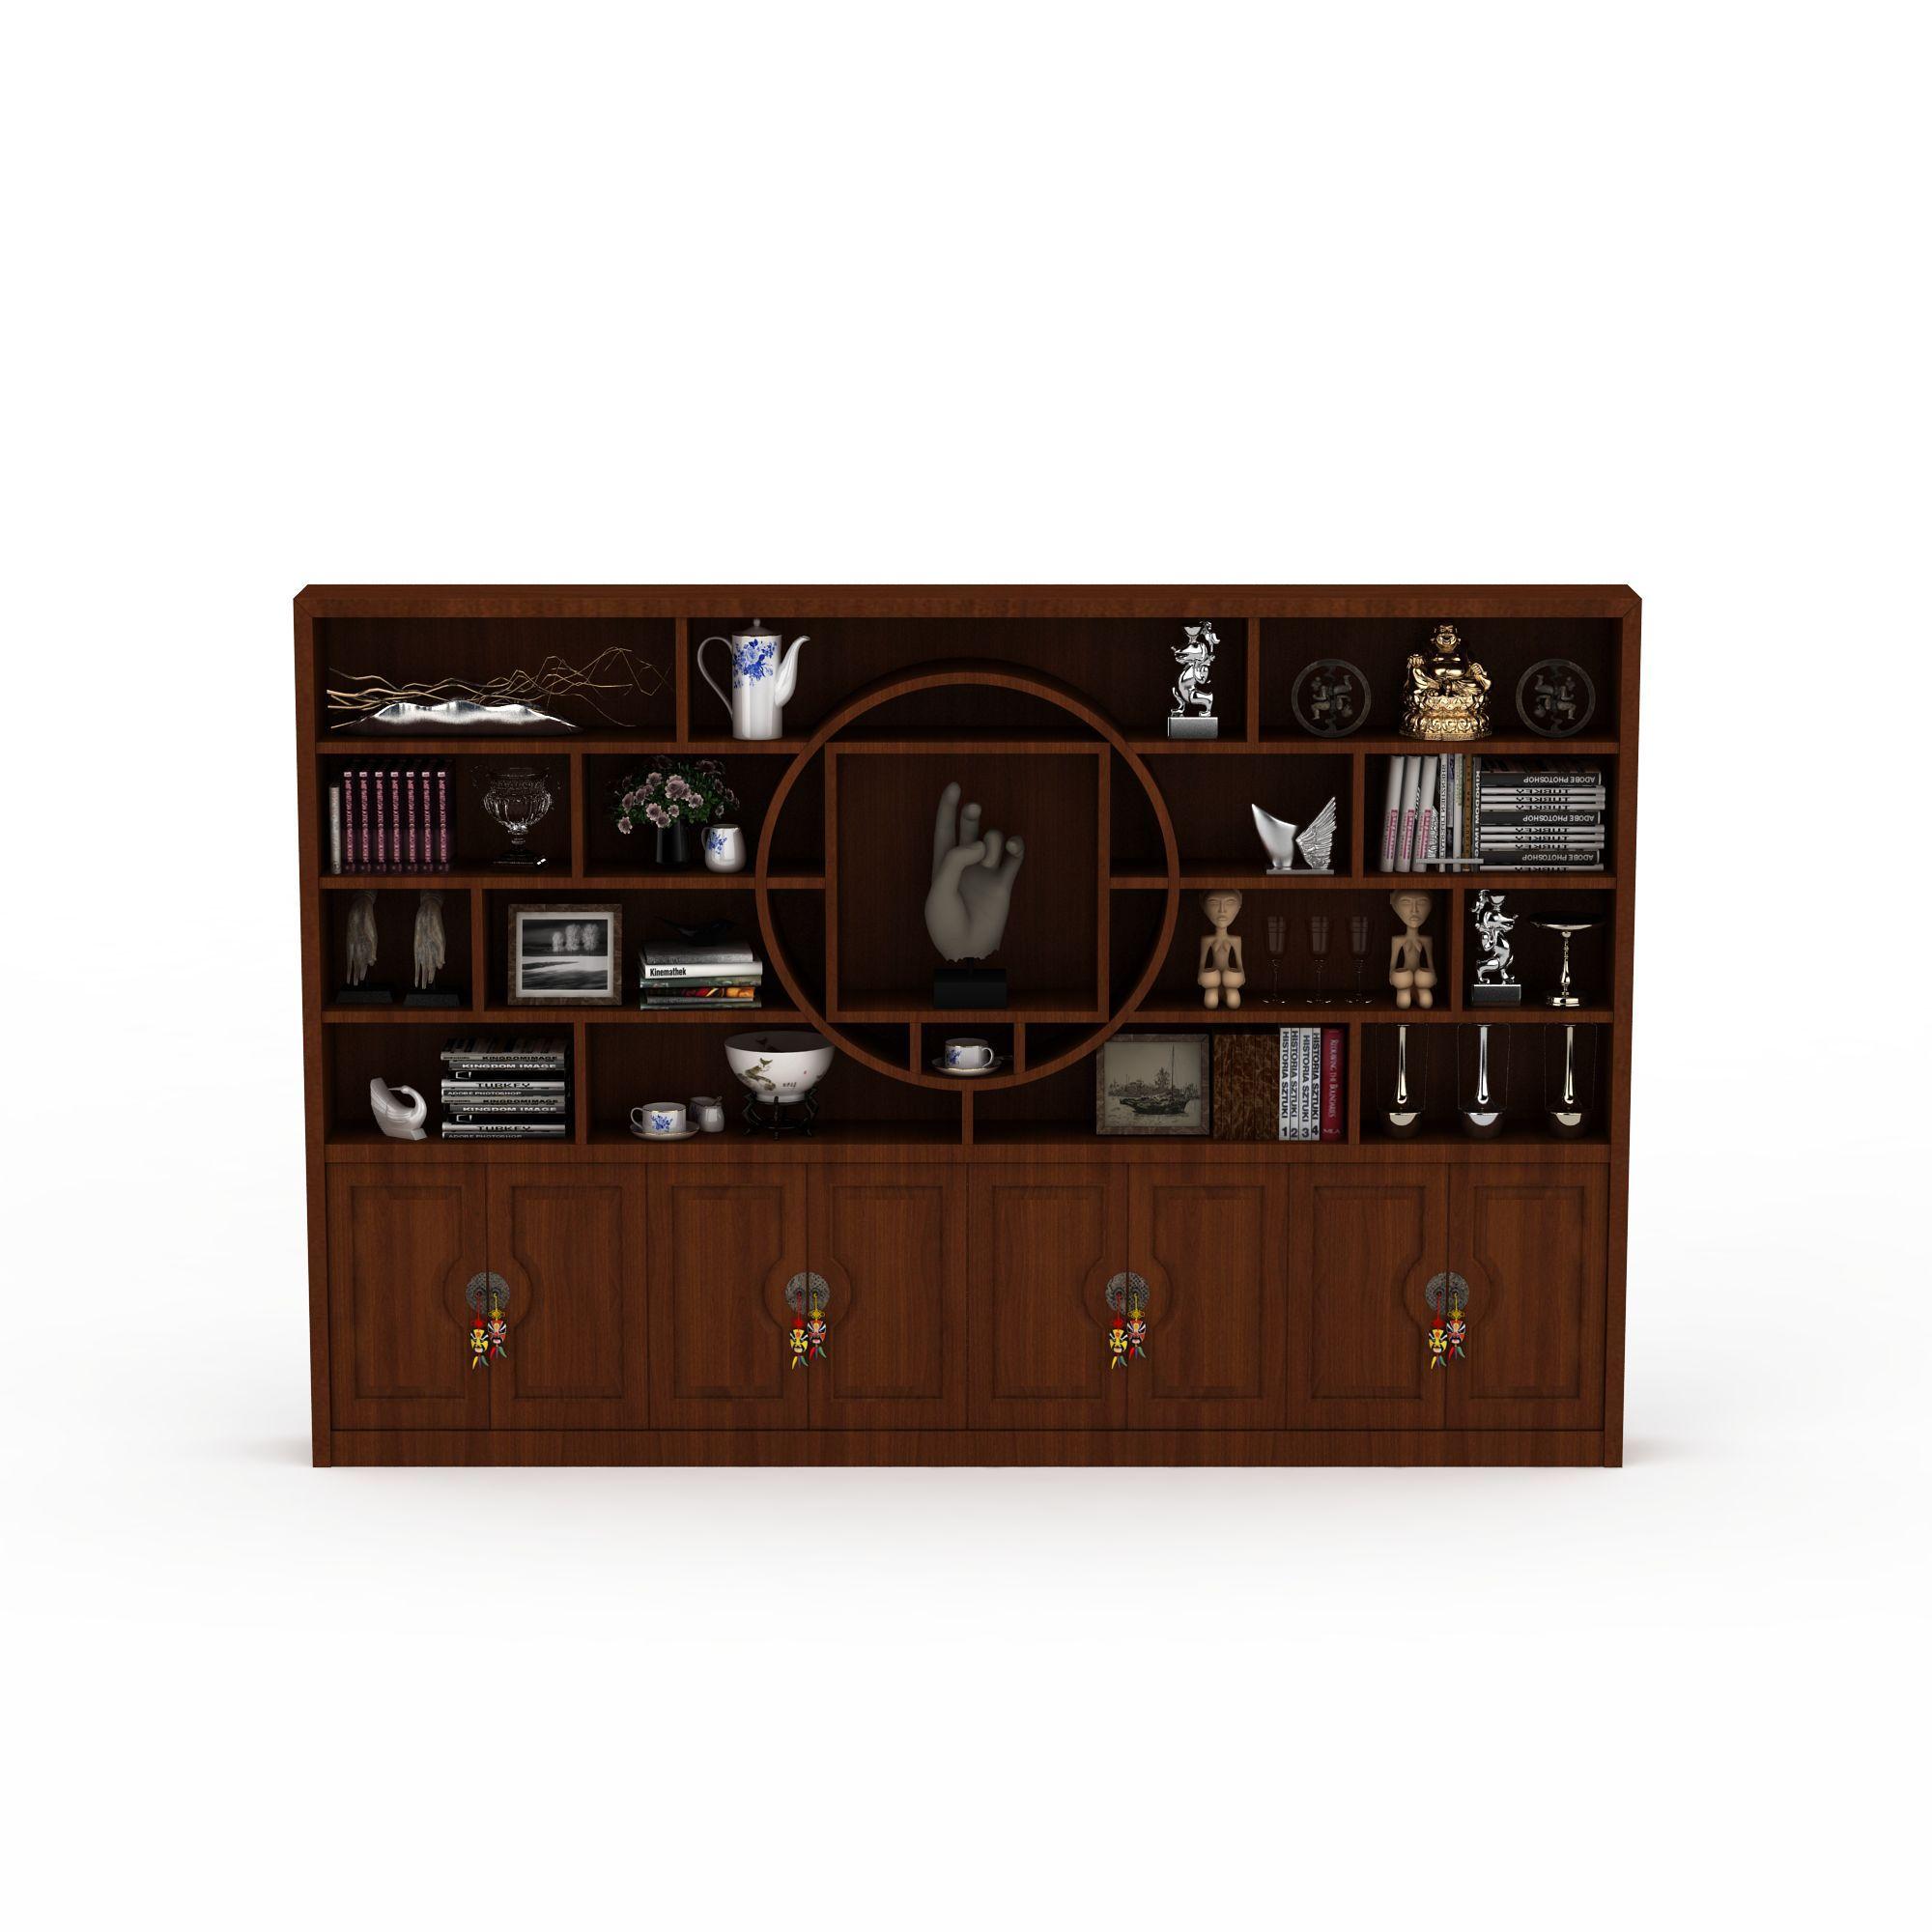 上传时间 2015/12/24  关键词:书柜3d模型中式风格书柜3d模型实木书柜